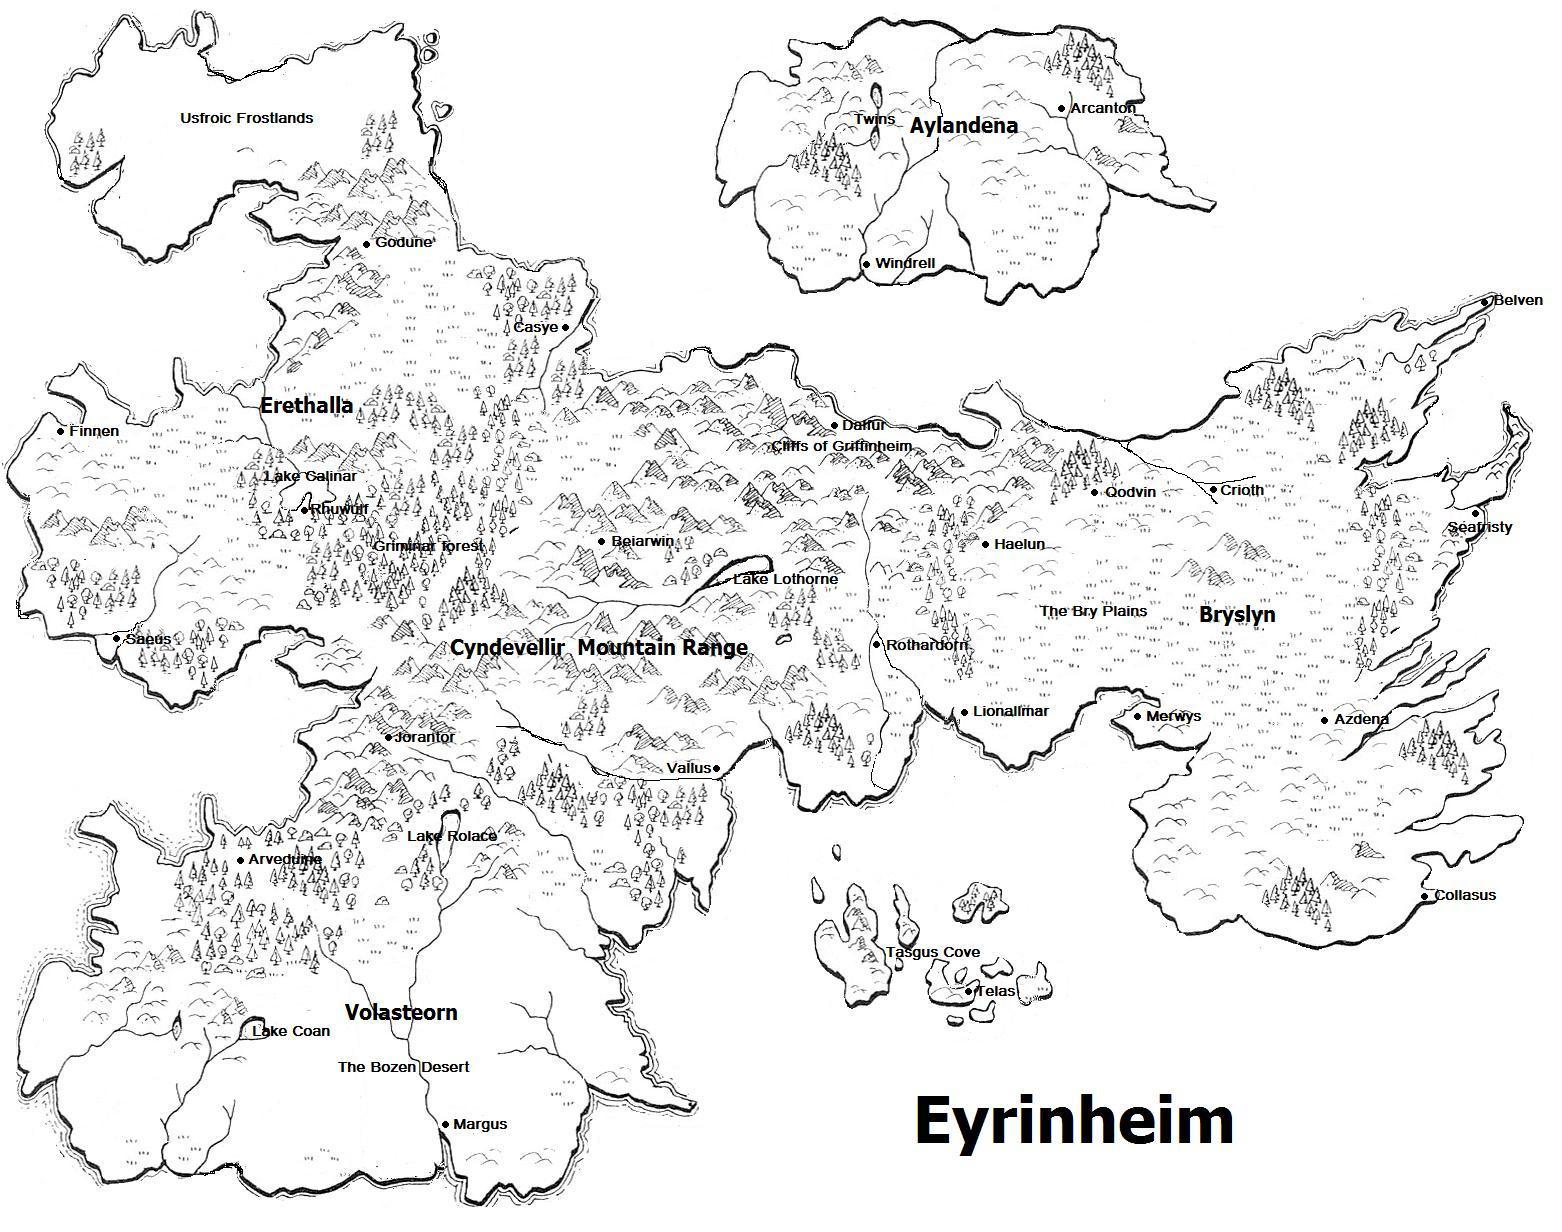 Eyrinheim